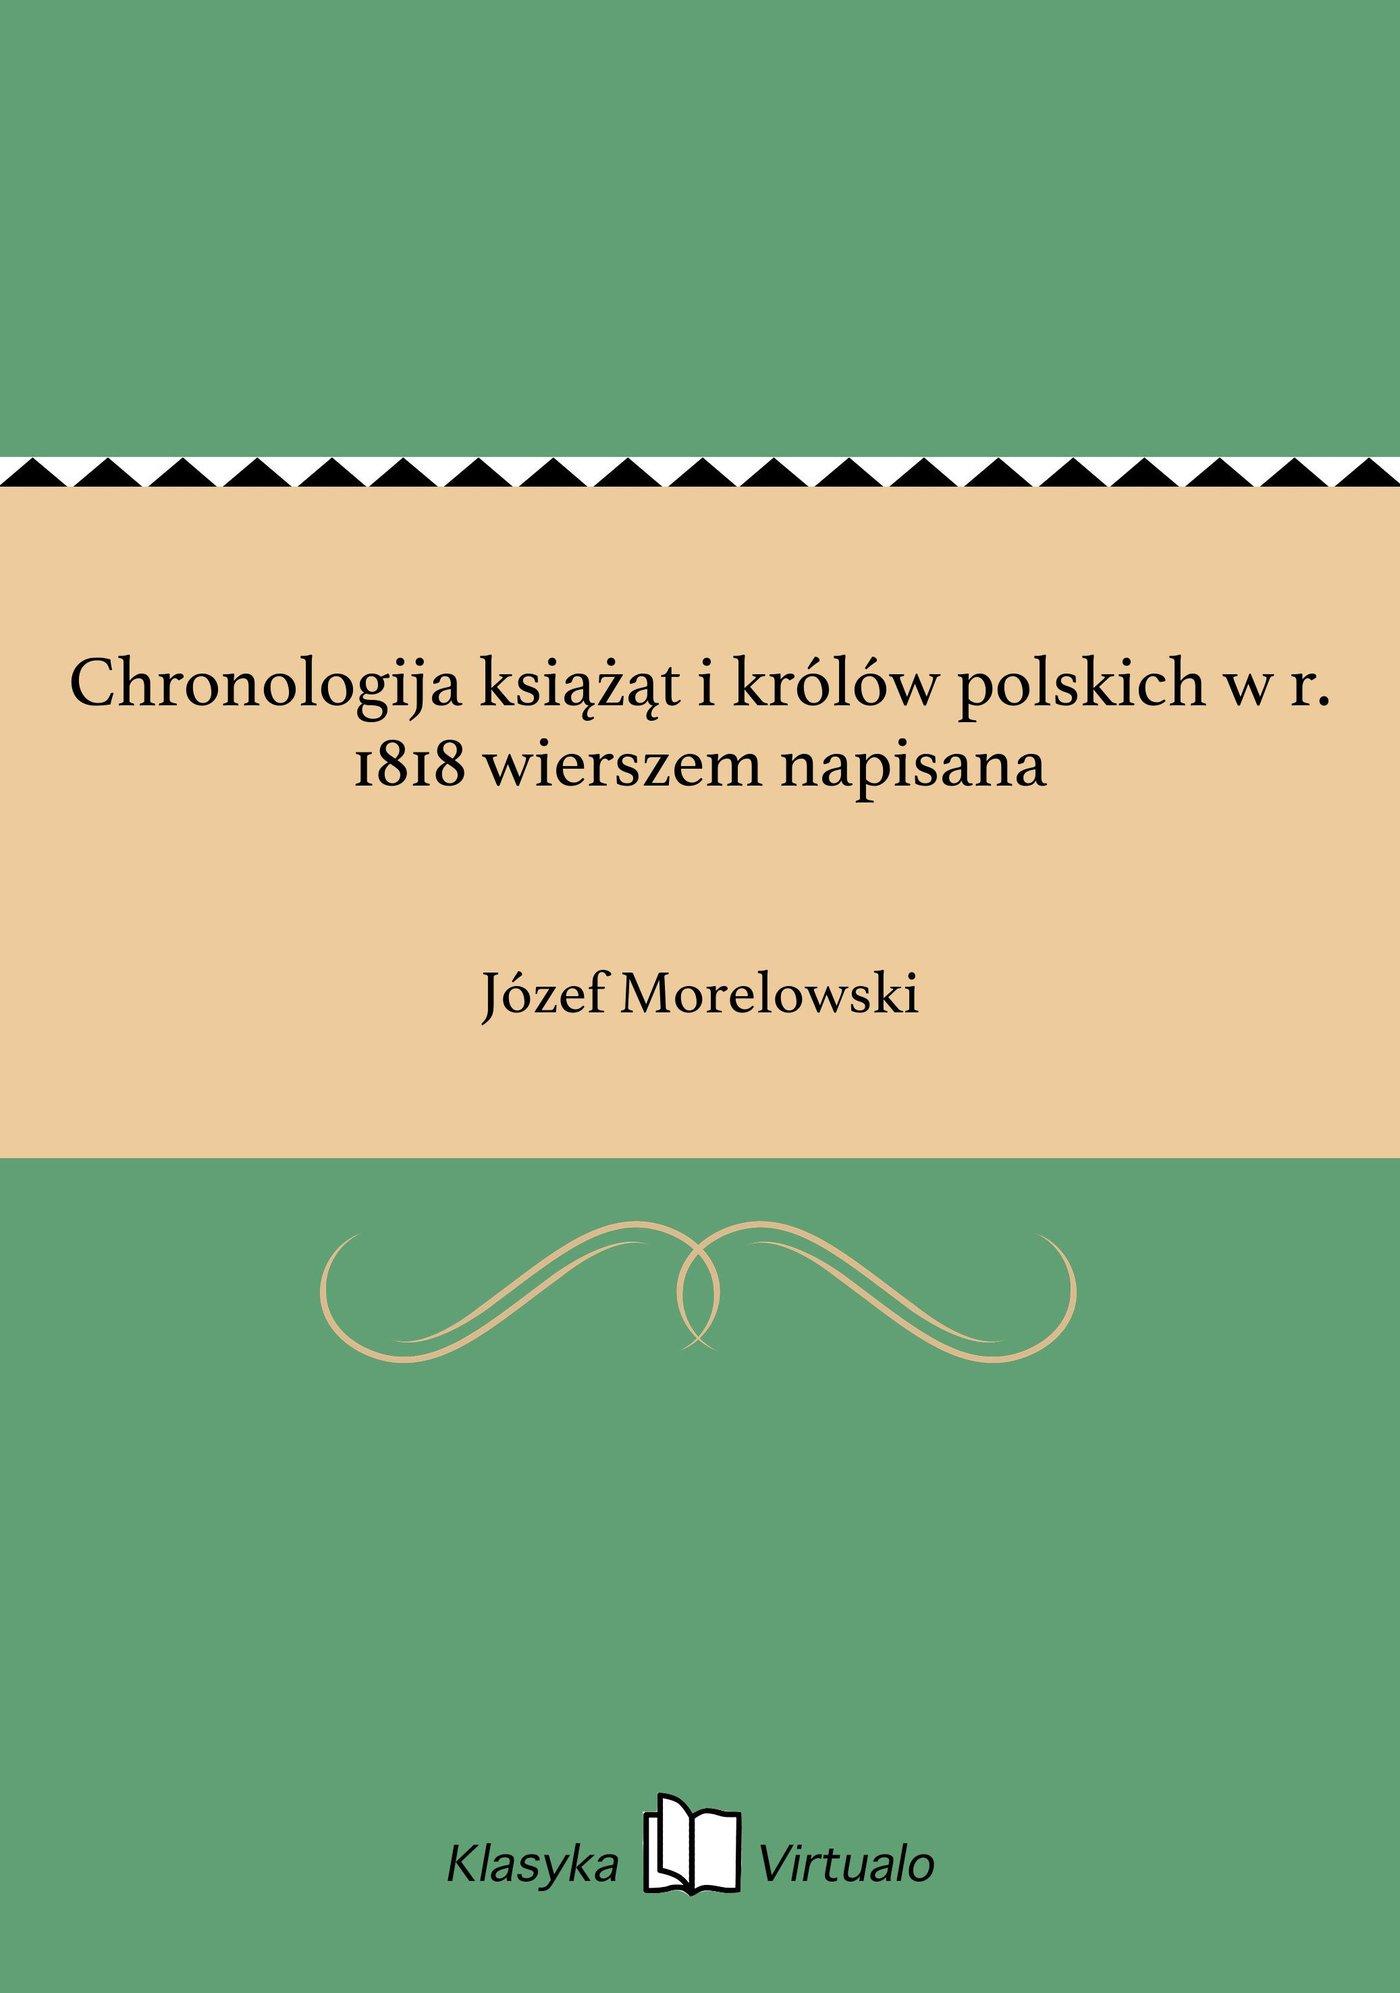 Chronologija książąt i królów polskich w r. 1818 wierszem napisana - Ebook (Książka EPUB) do pobrania w formacie EPUB